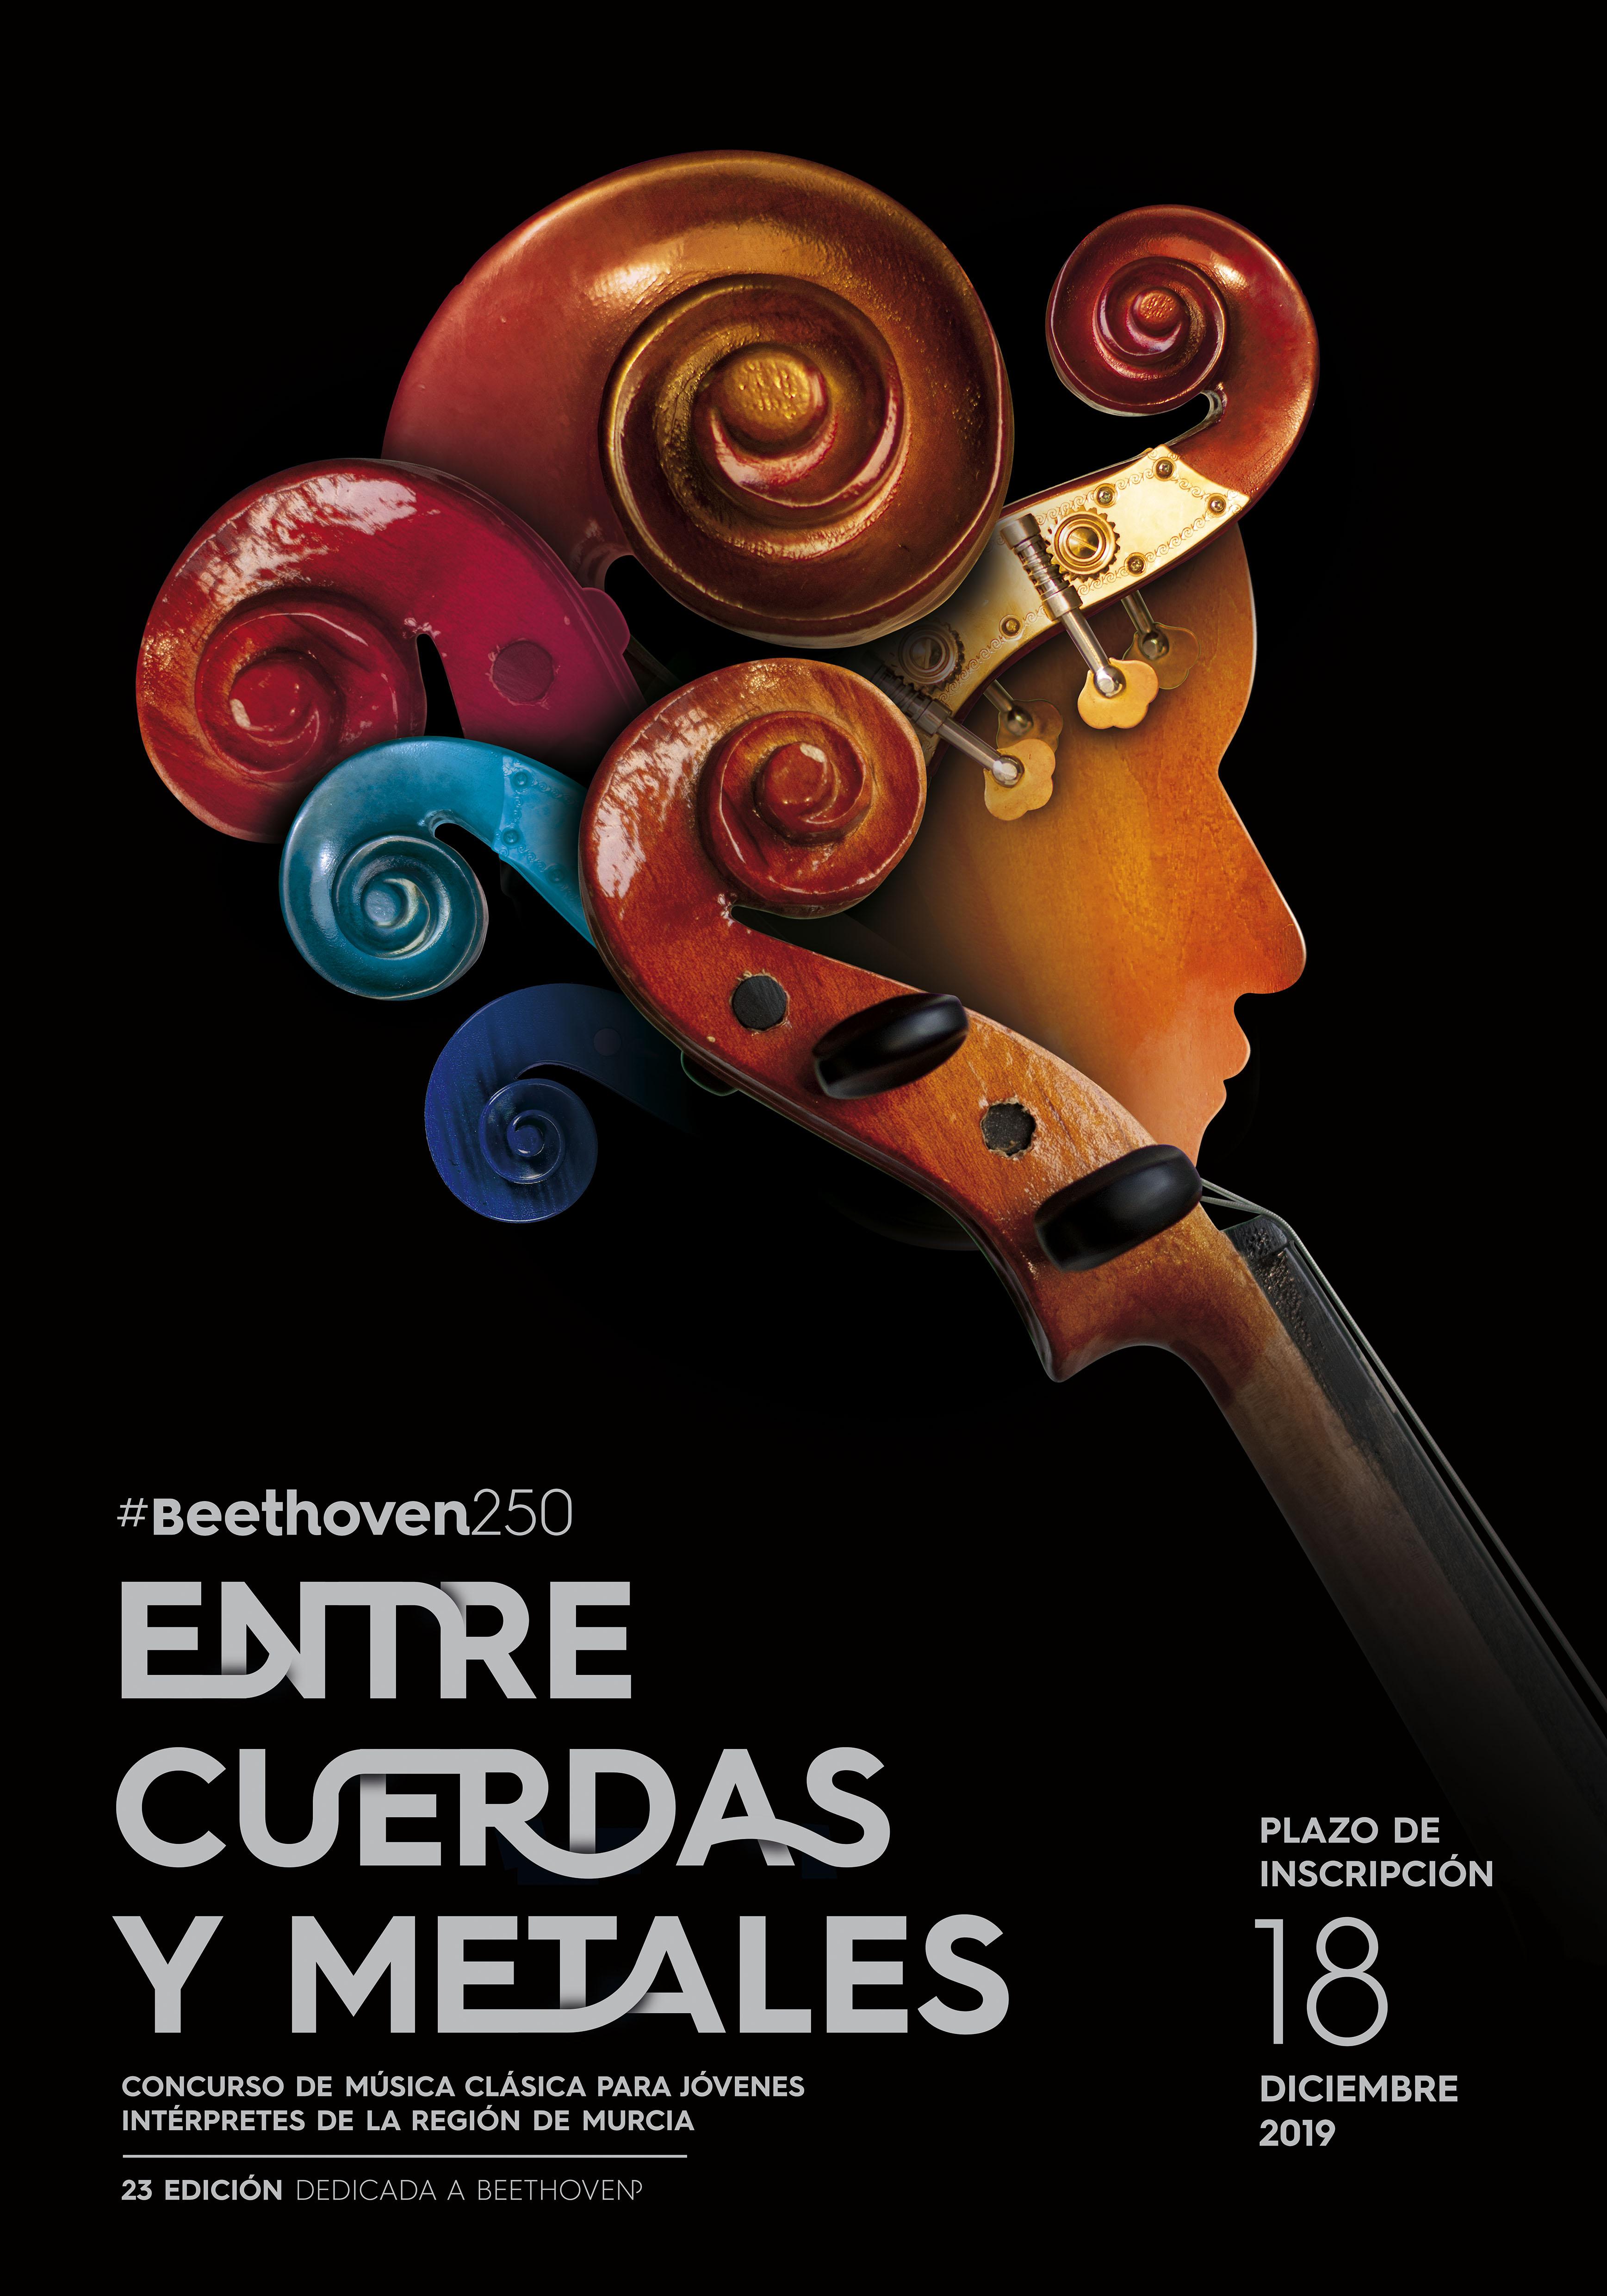 Cartel Inscripciones XXIII Edición Entre Cuerdas y Metales